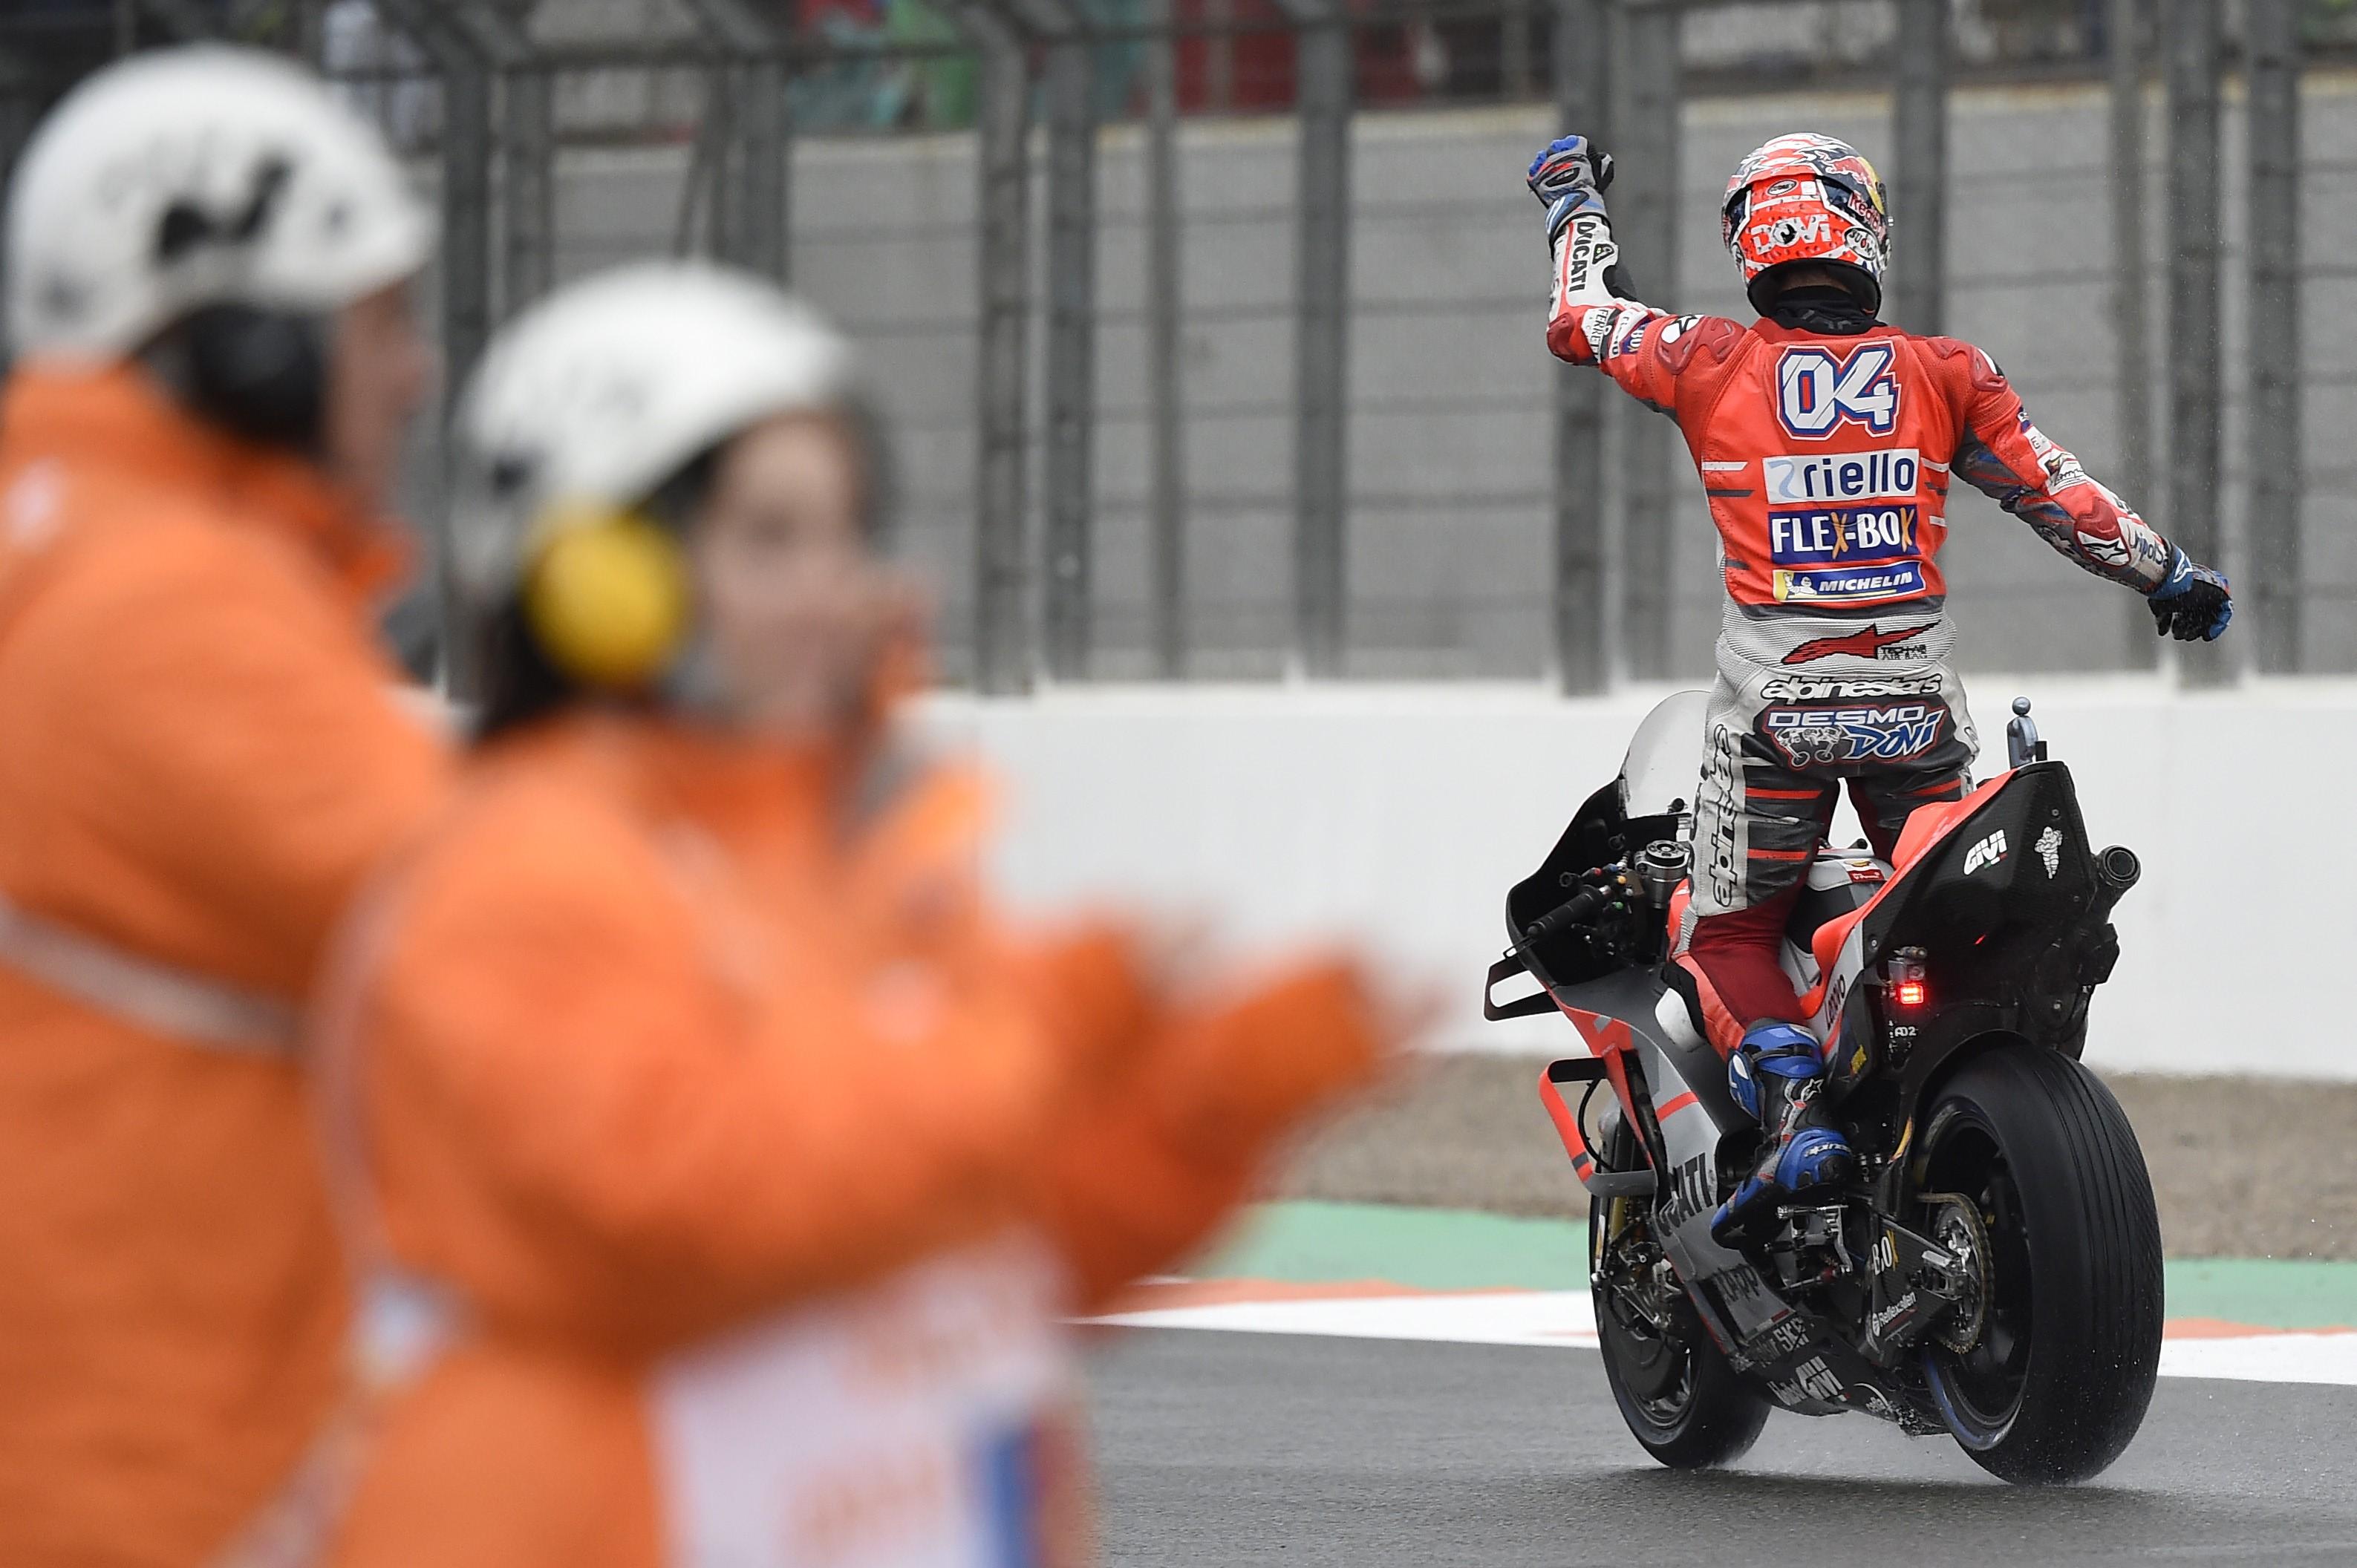 Andrea Dovizioso (Ducati Team) au Grand Prix de Valence 2018